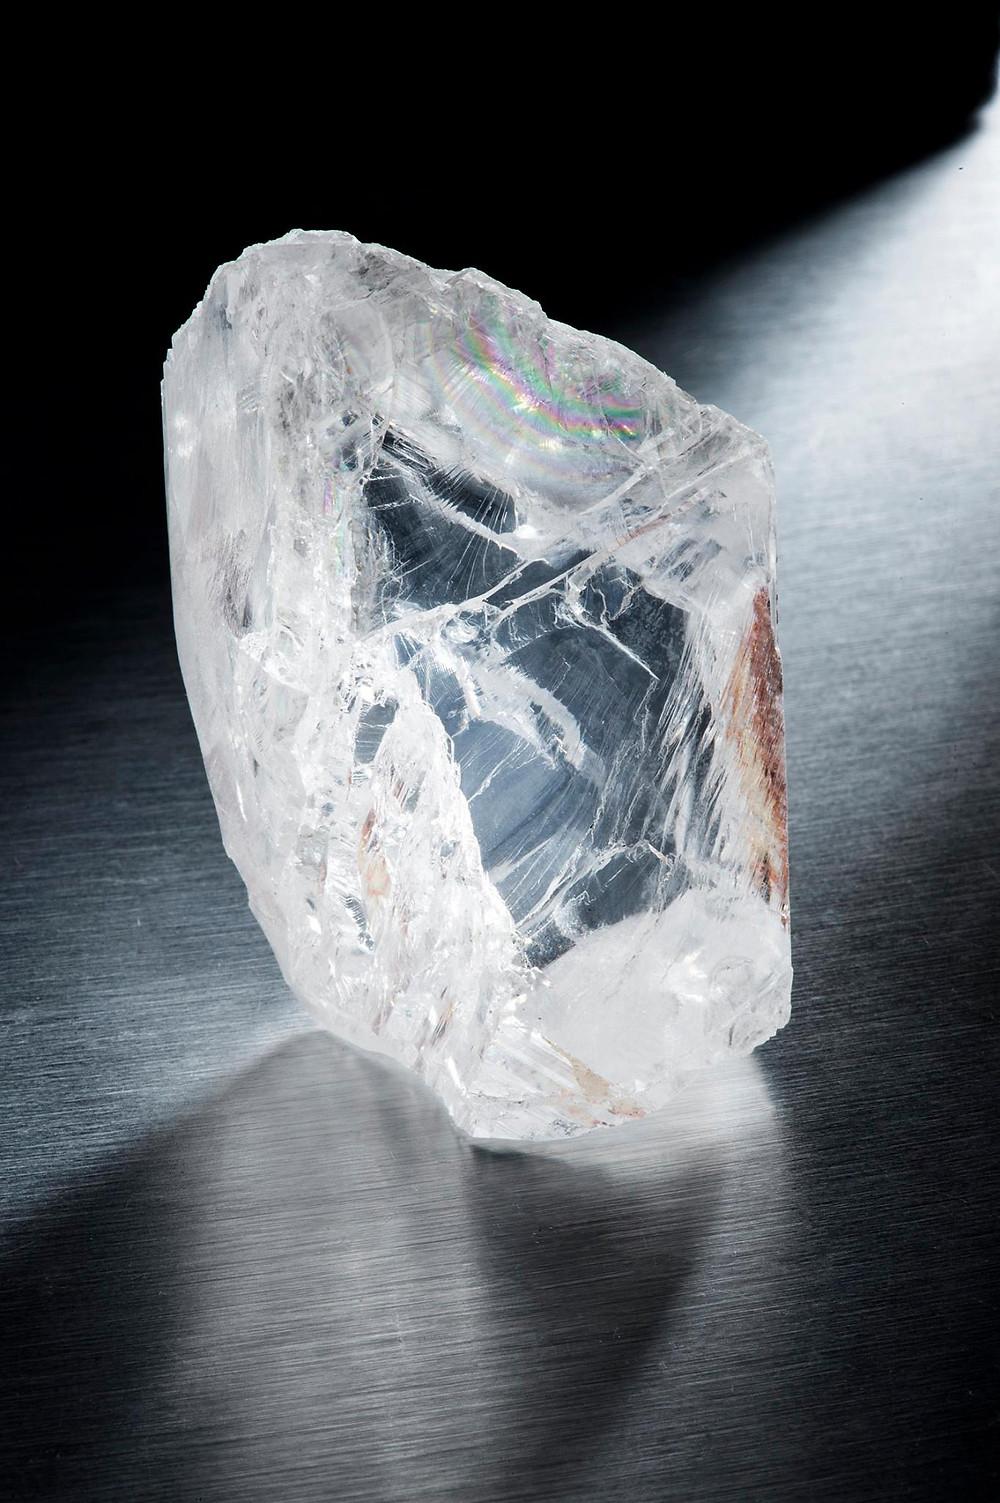 courtesy of Lucara Diamonds Corp.